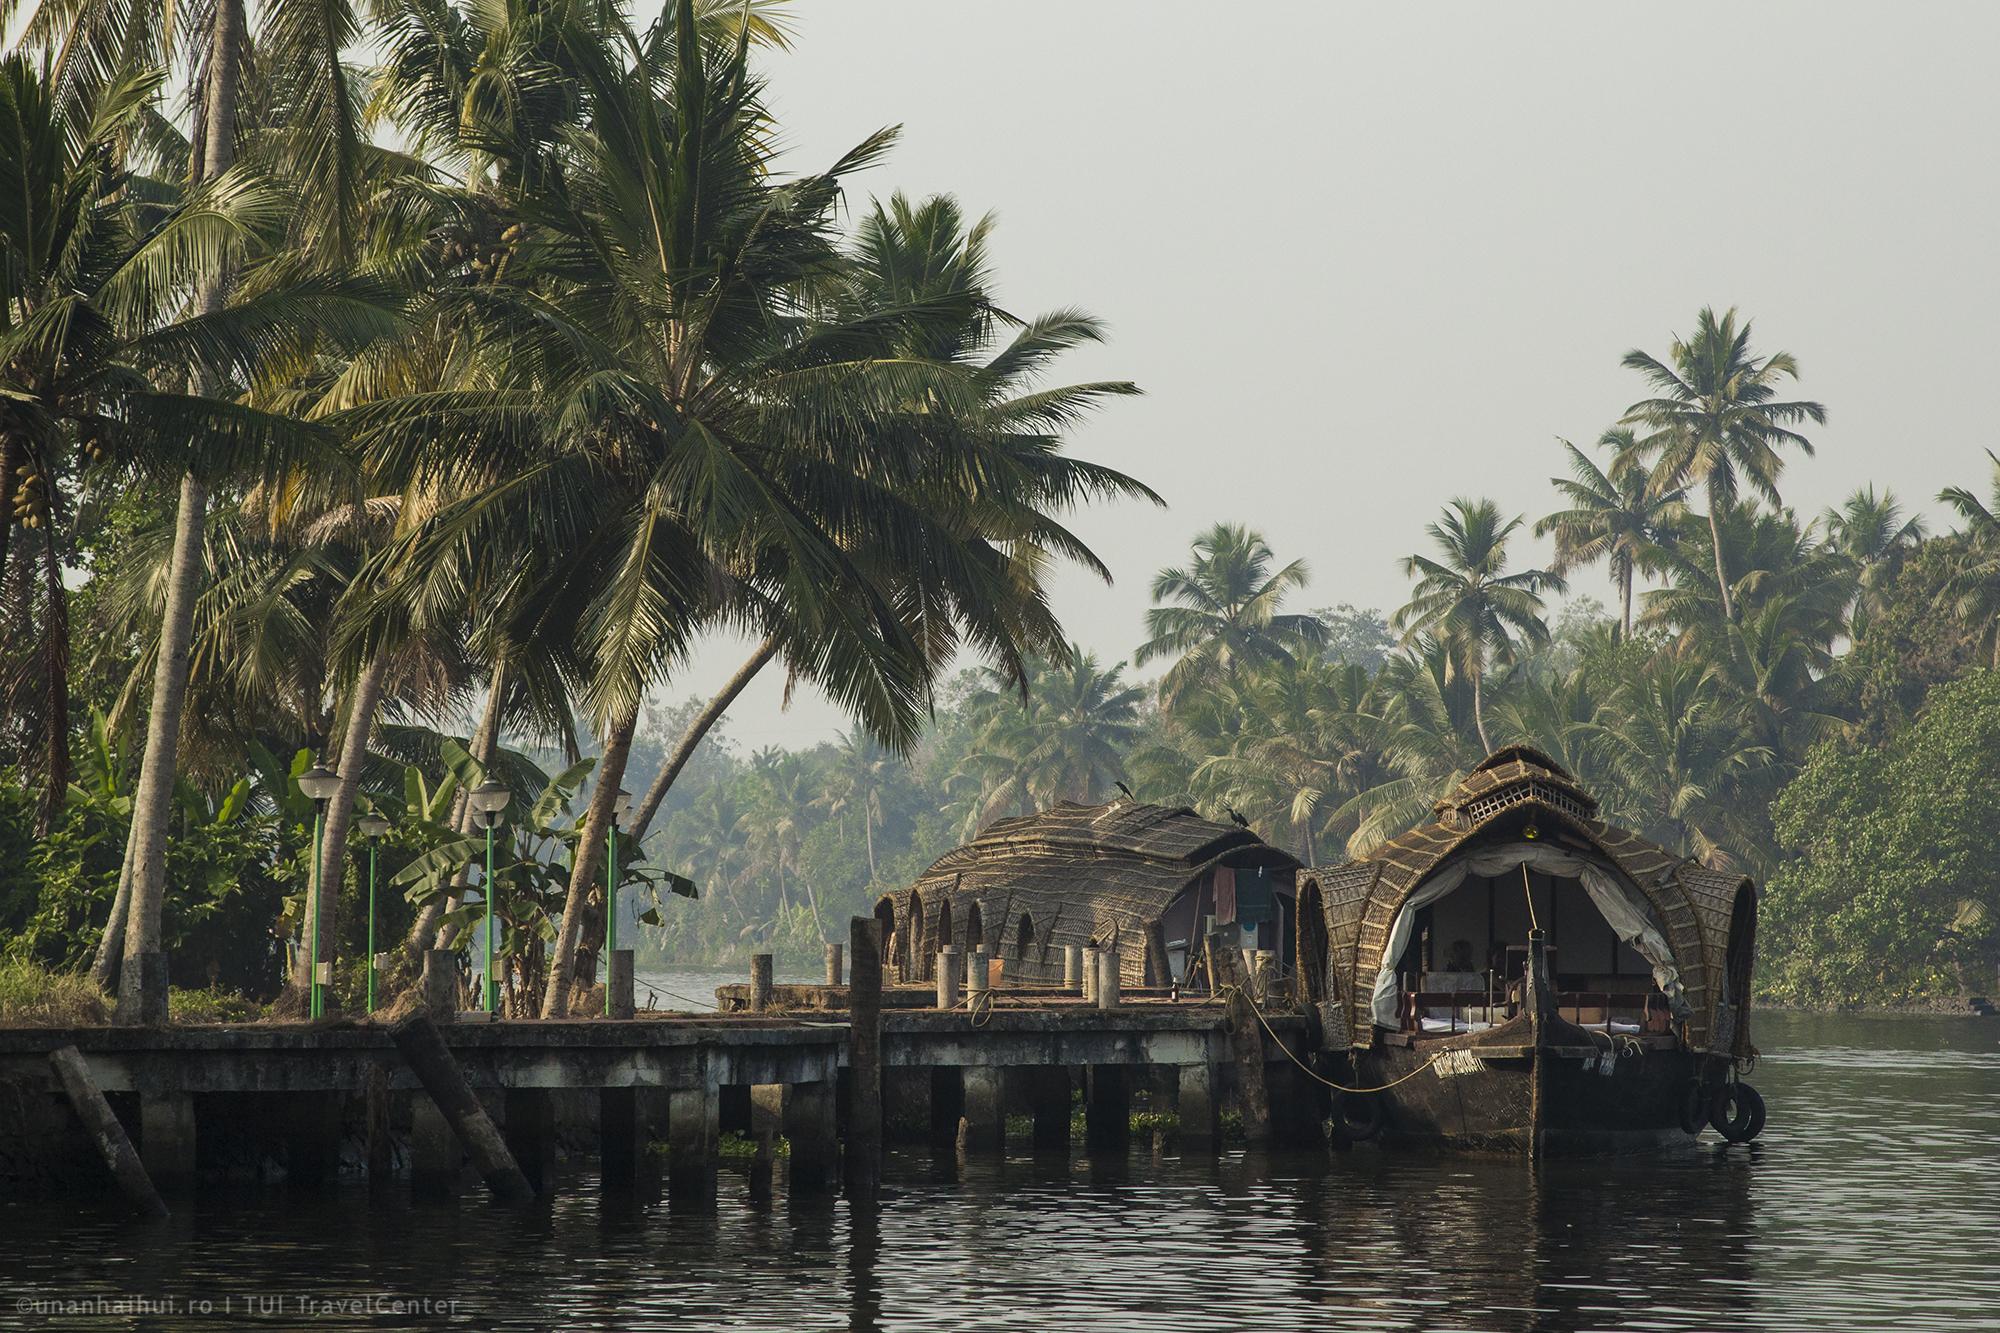 Croaziera pe canalele din Alleppey (Kerala)